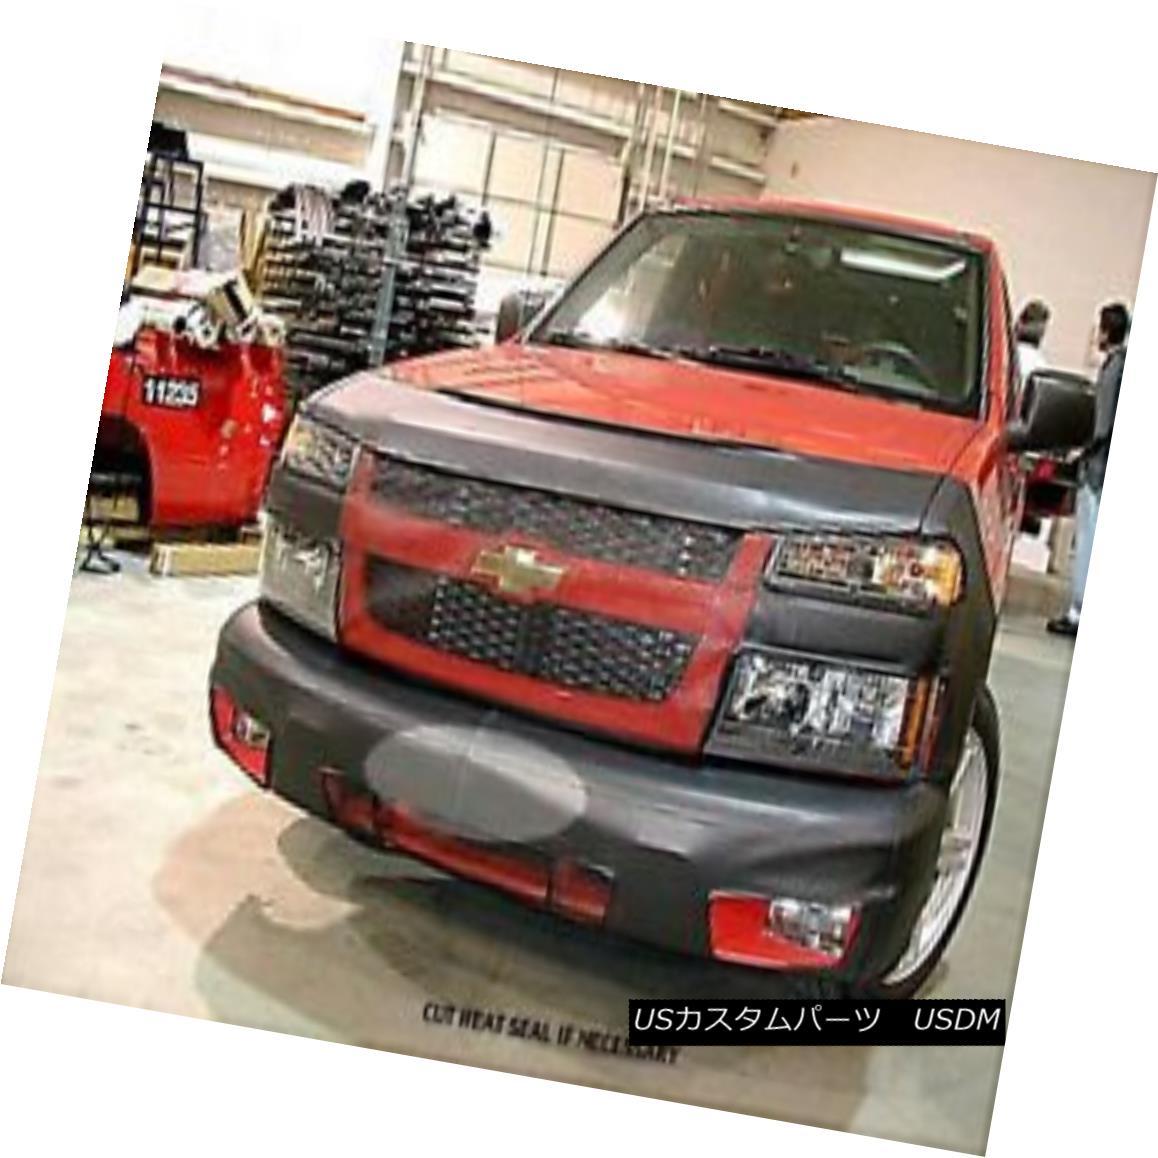 フルブラ ノーズブラ Lebra Front End Mask Cover Bra CHEVROLET COLORADO 2004-2010 LebraフロントエンドマスクカバーブラジャーCHEVROLET COLORADO 2004-2010